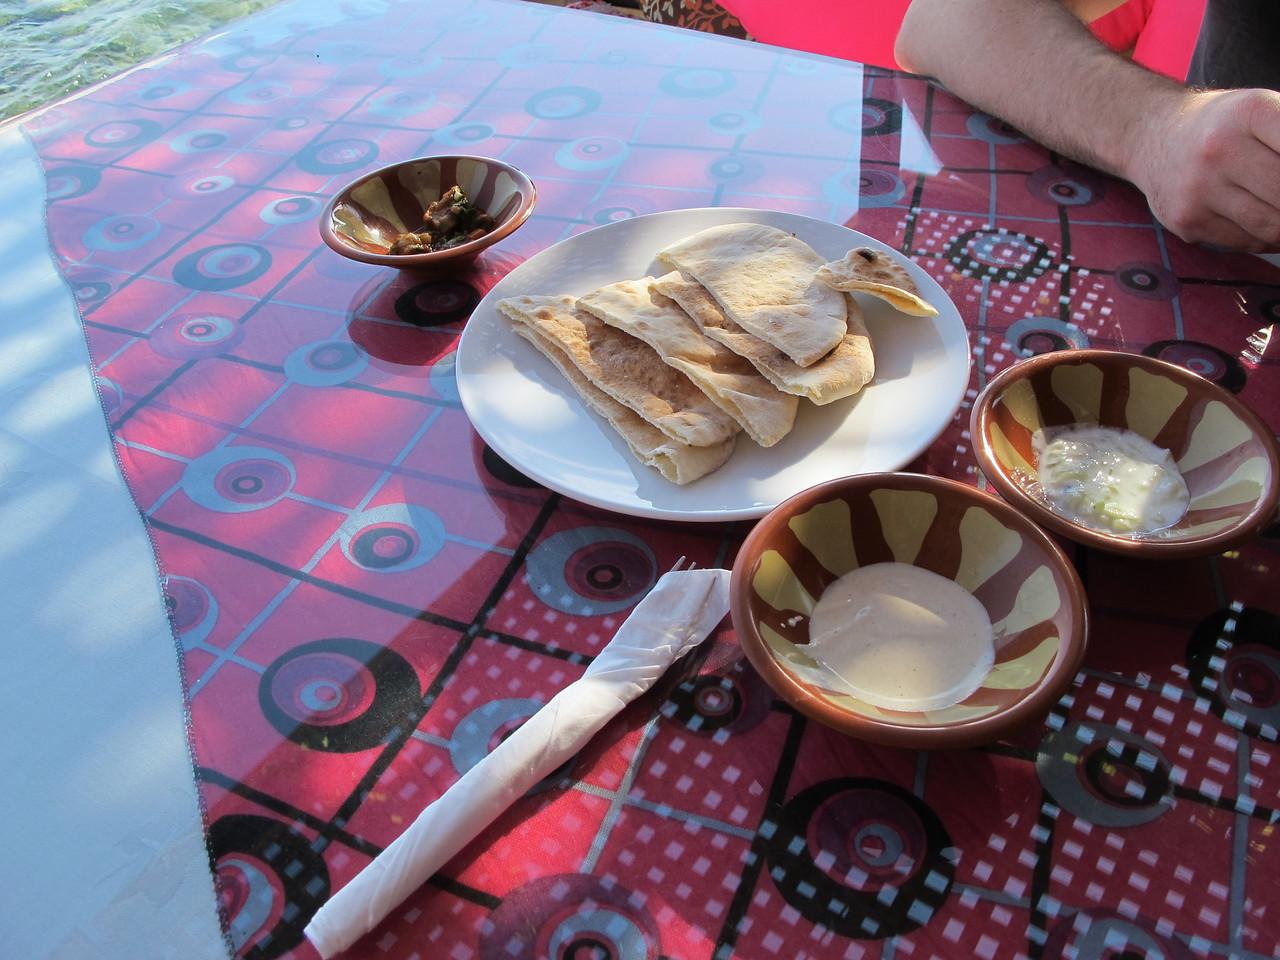 We started with fresh pita with tahini and yogurt sauce.